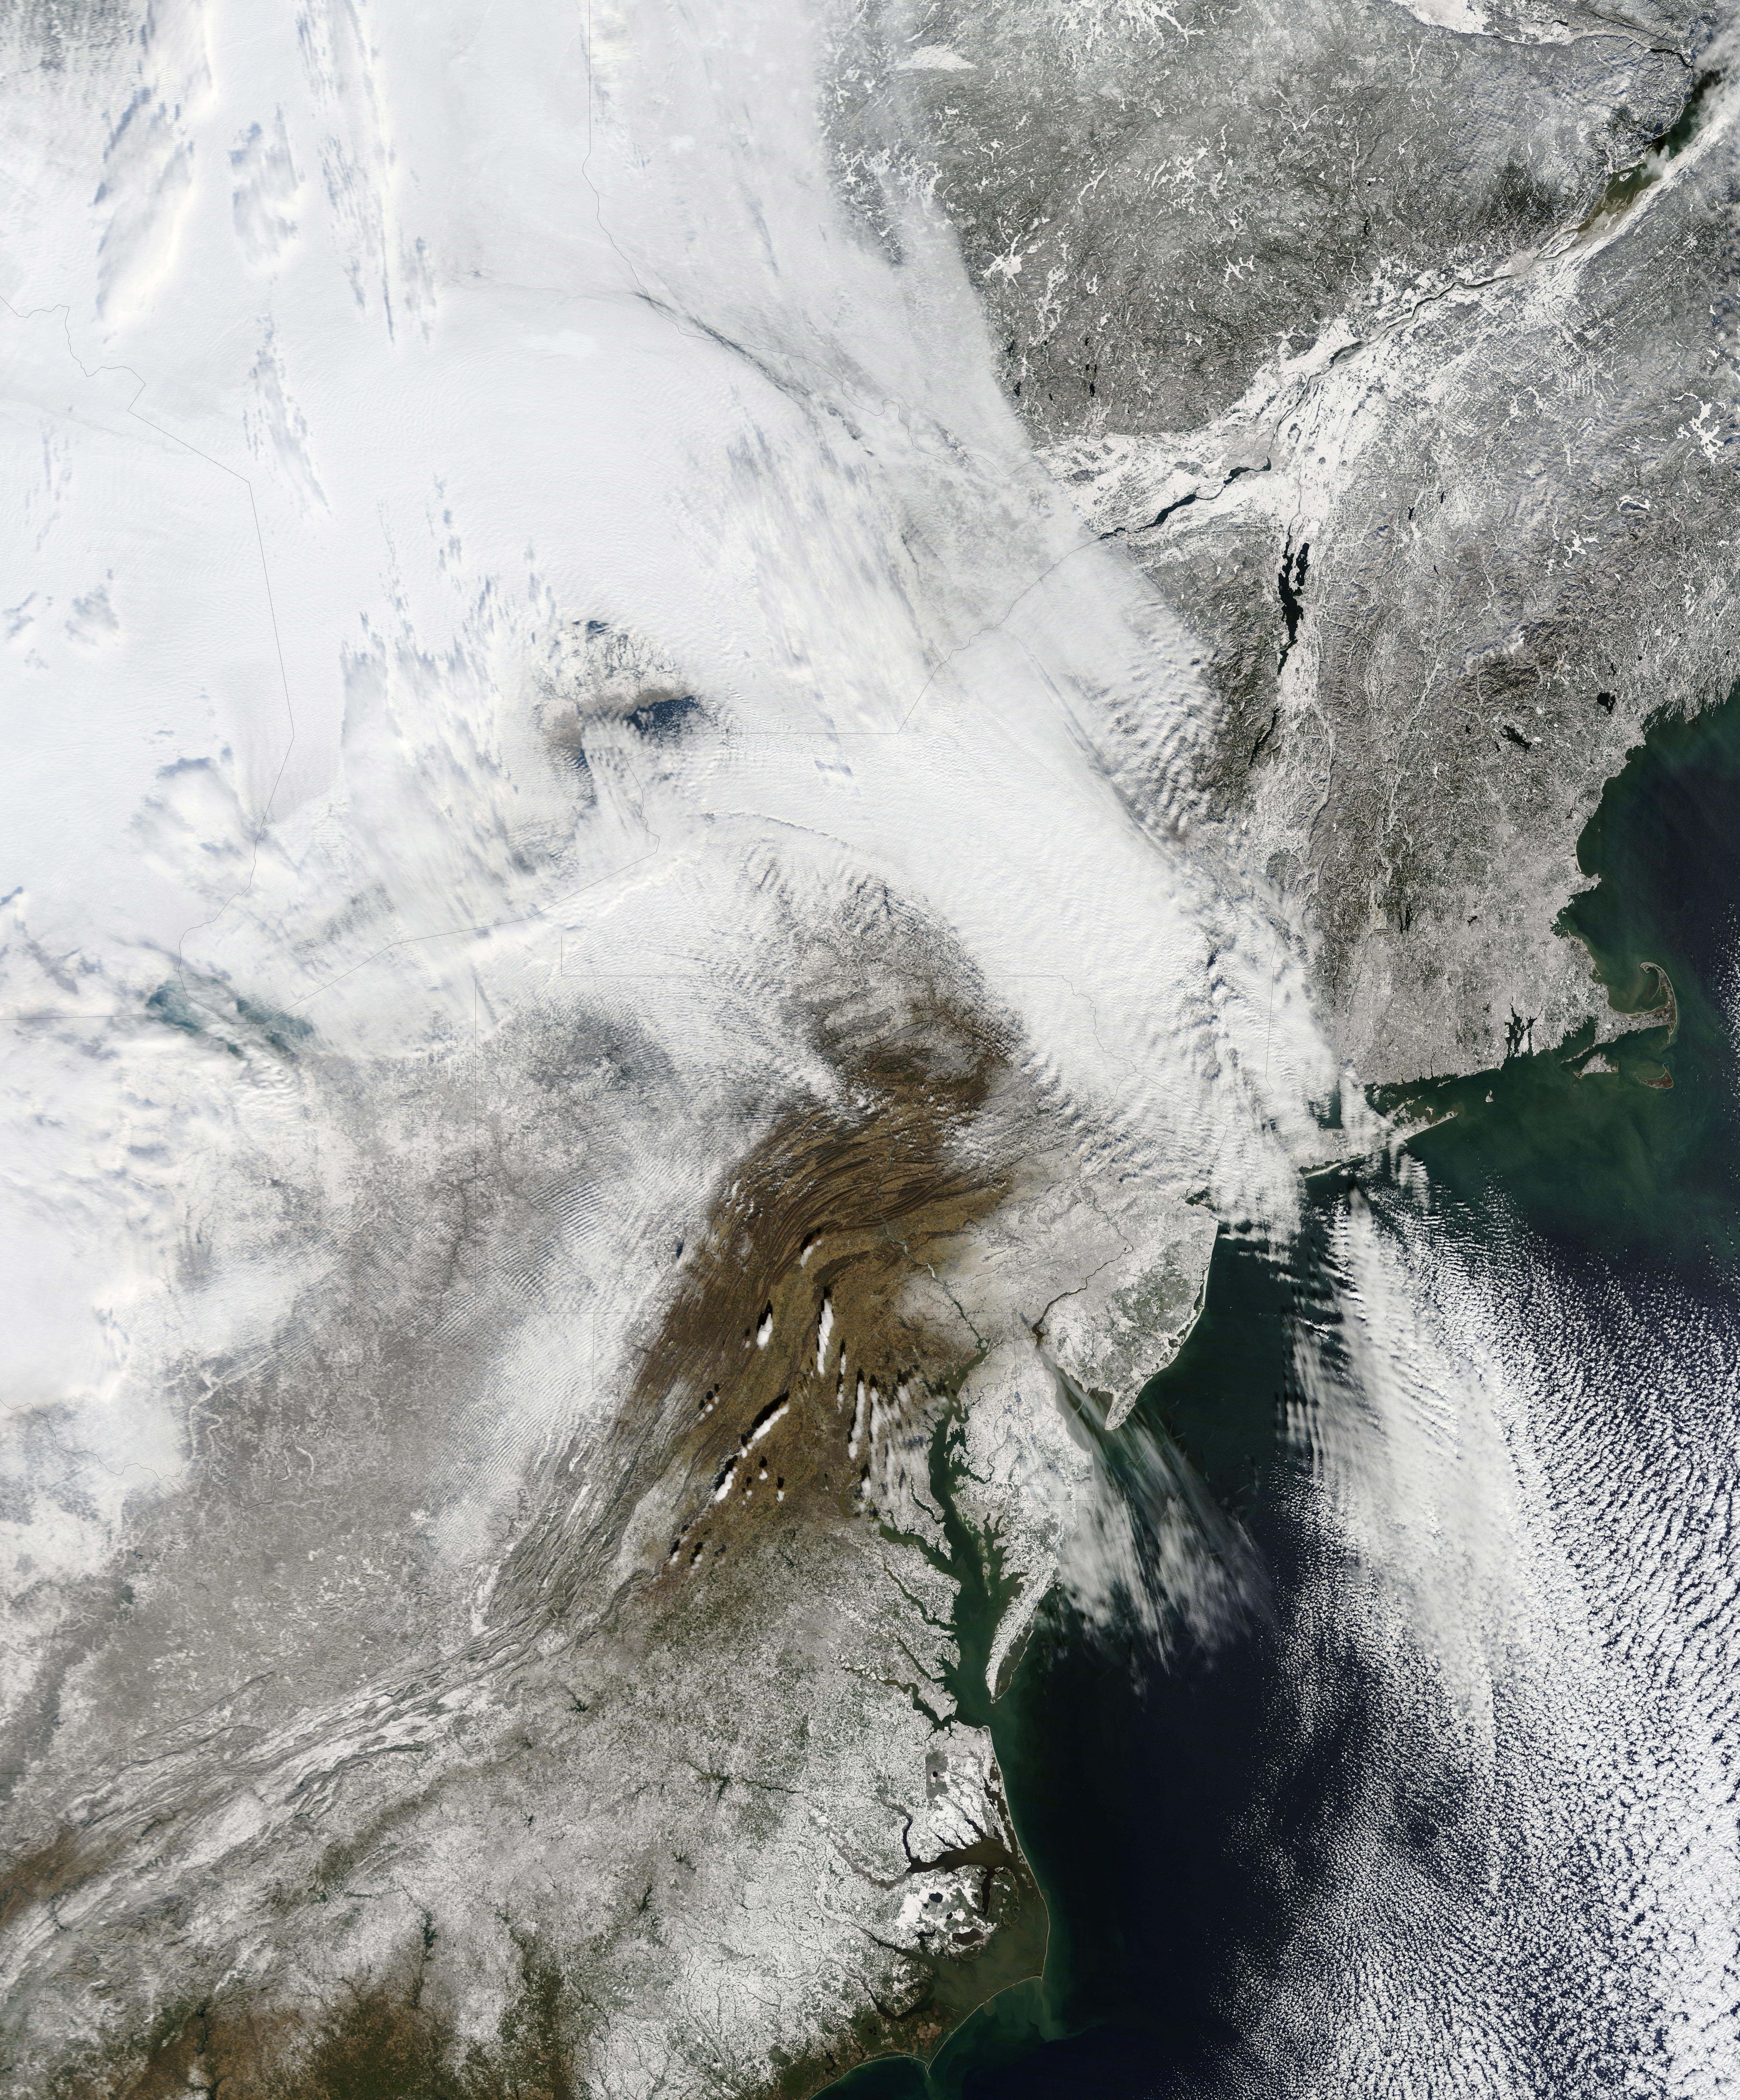 New York in snow via NASA